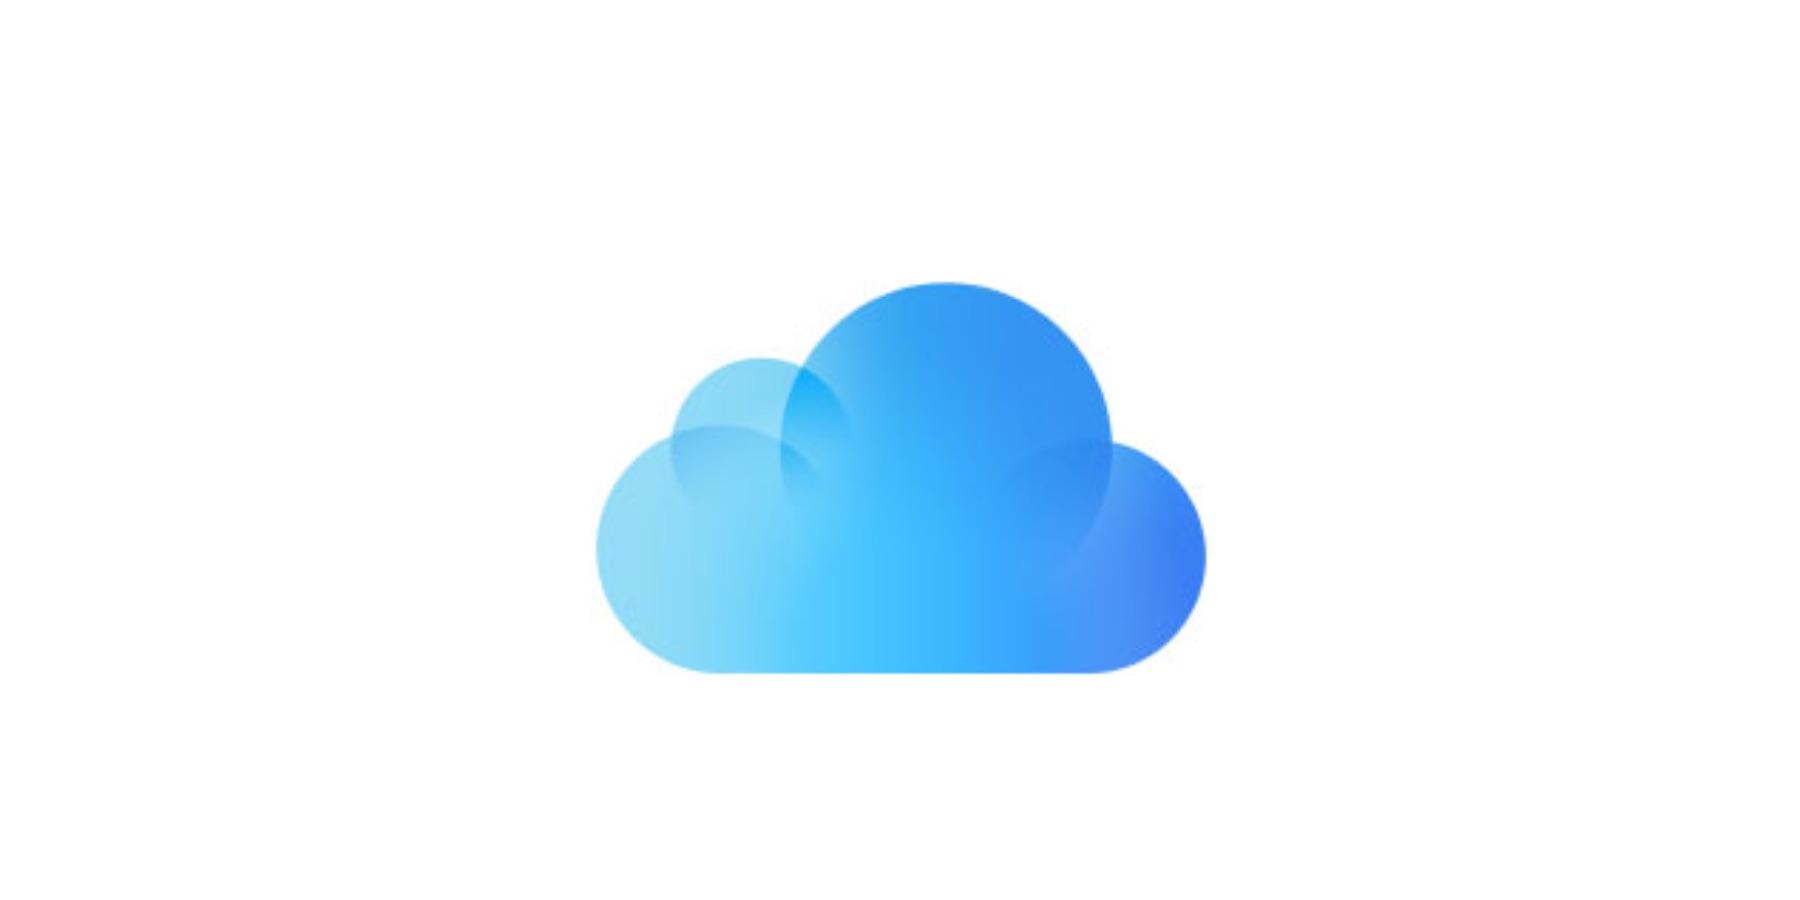 【解決】macOSのFinderにiCloud Driveが表示されない場合の対処方法